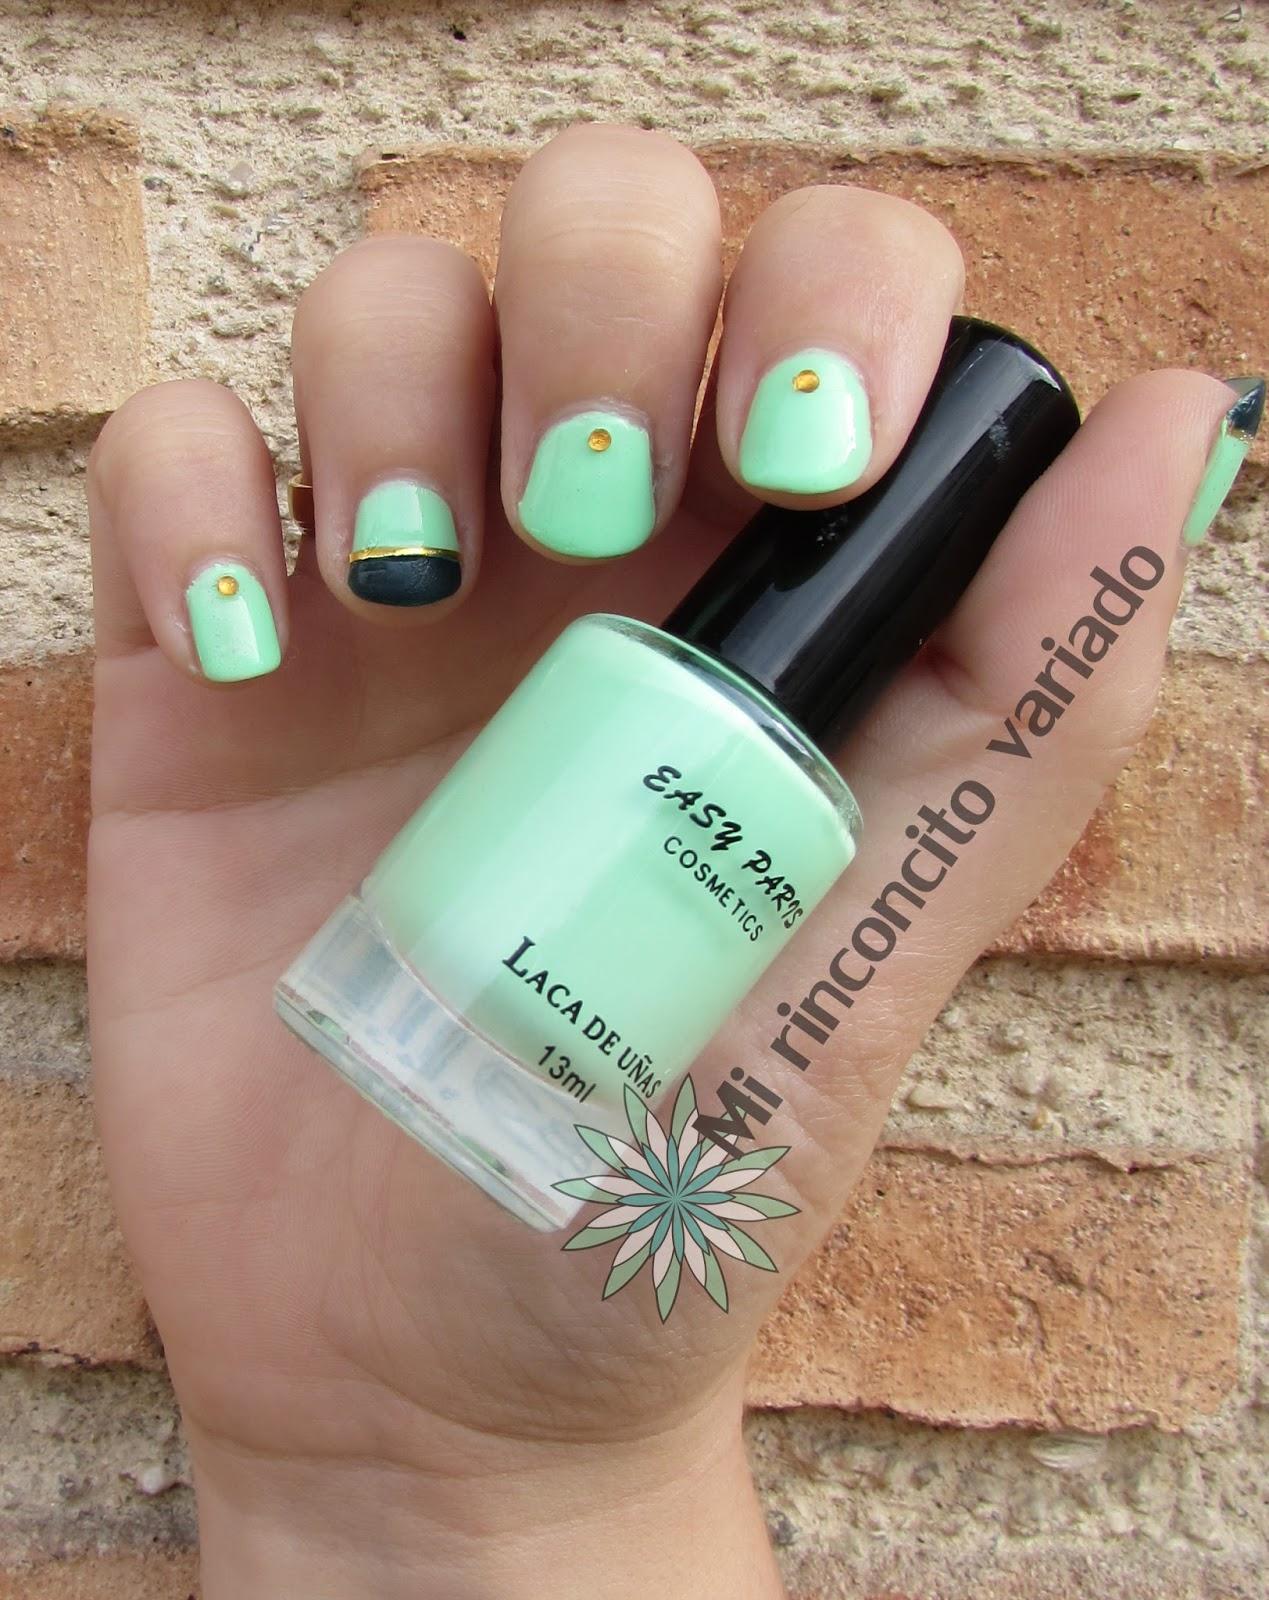 Encantador Nyx Esmalte De Uñas Color Granate Elaboración - Ideas ...